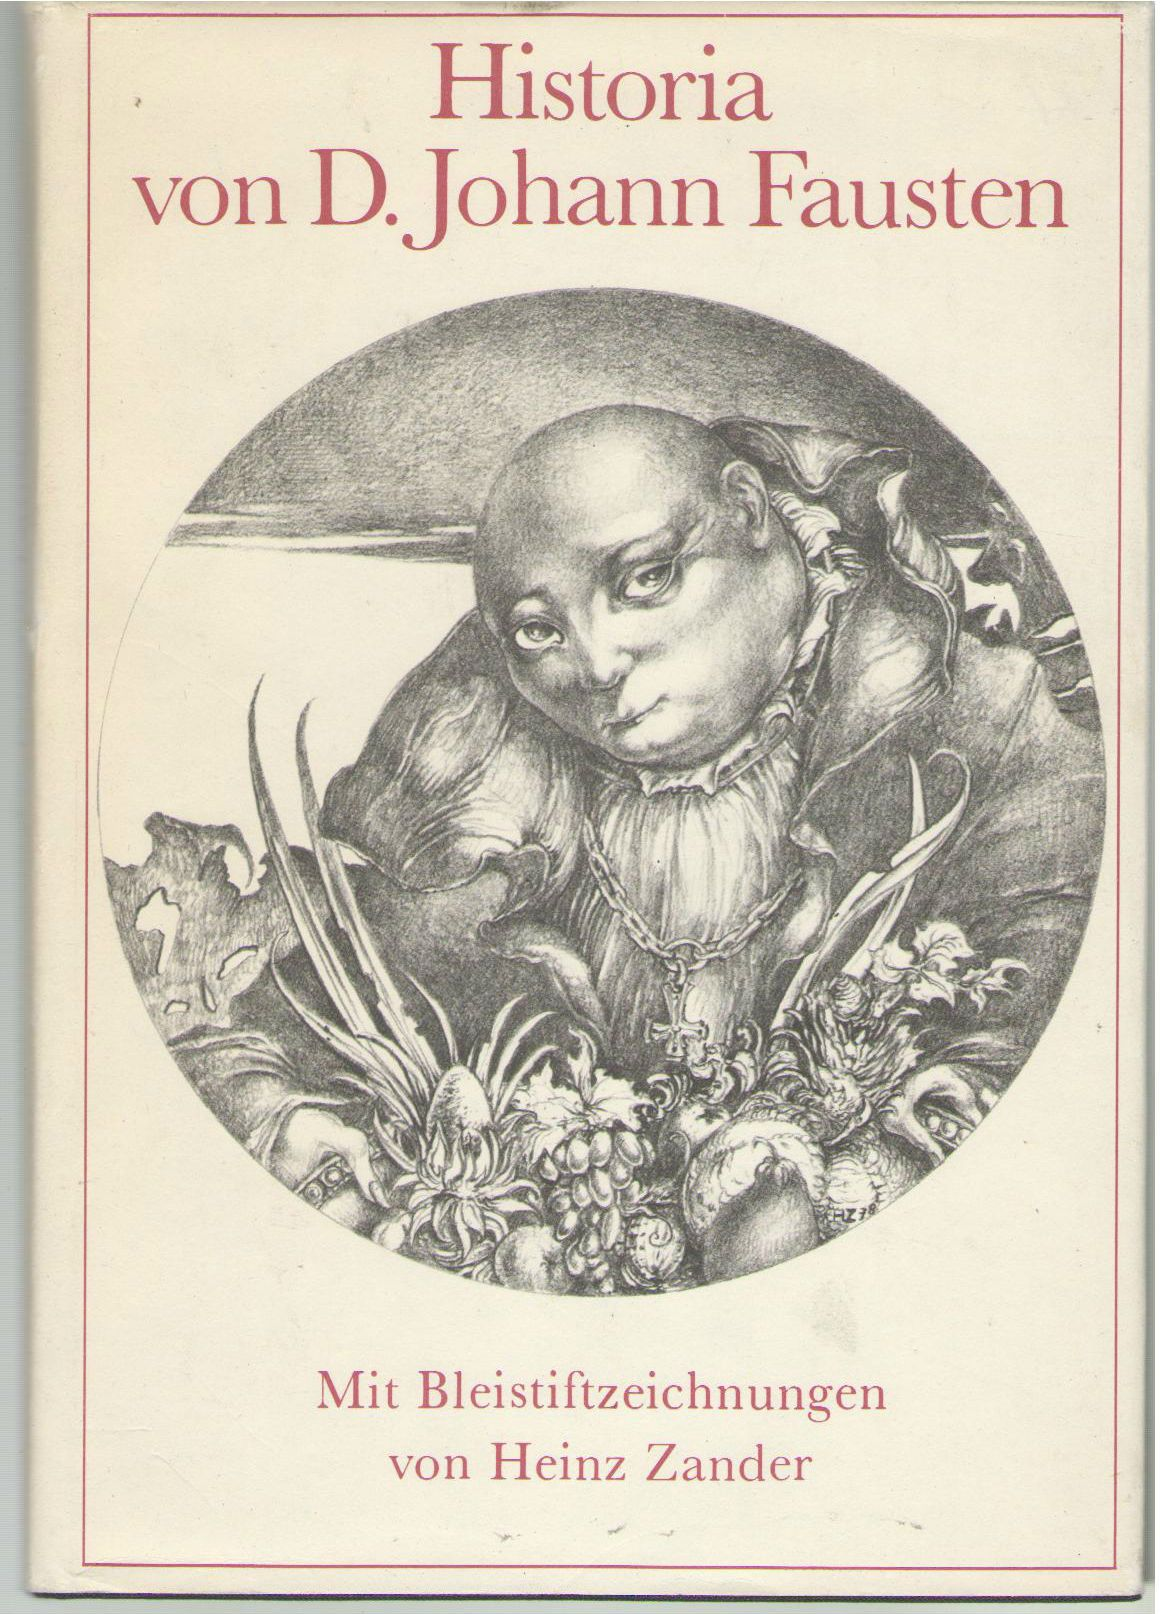 Historia von D. Johann Fausten: Dem weitbeschreiten Zauberer und Schwarzku?nstler (1587) (German Edition)